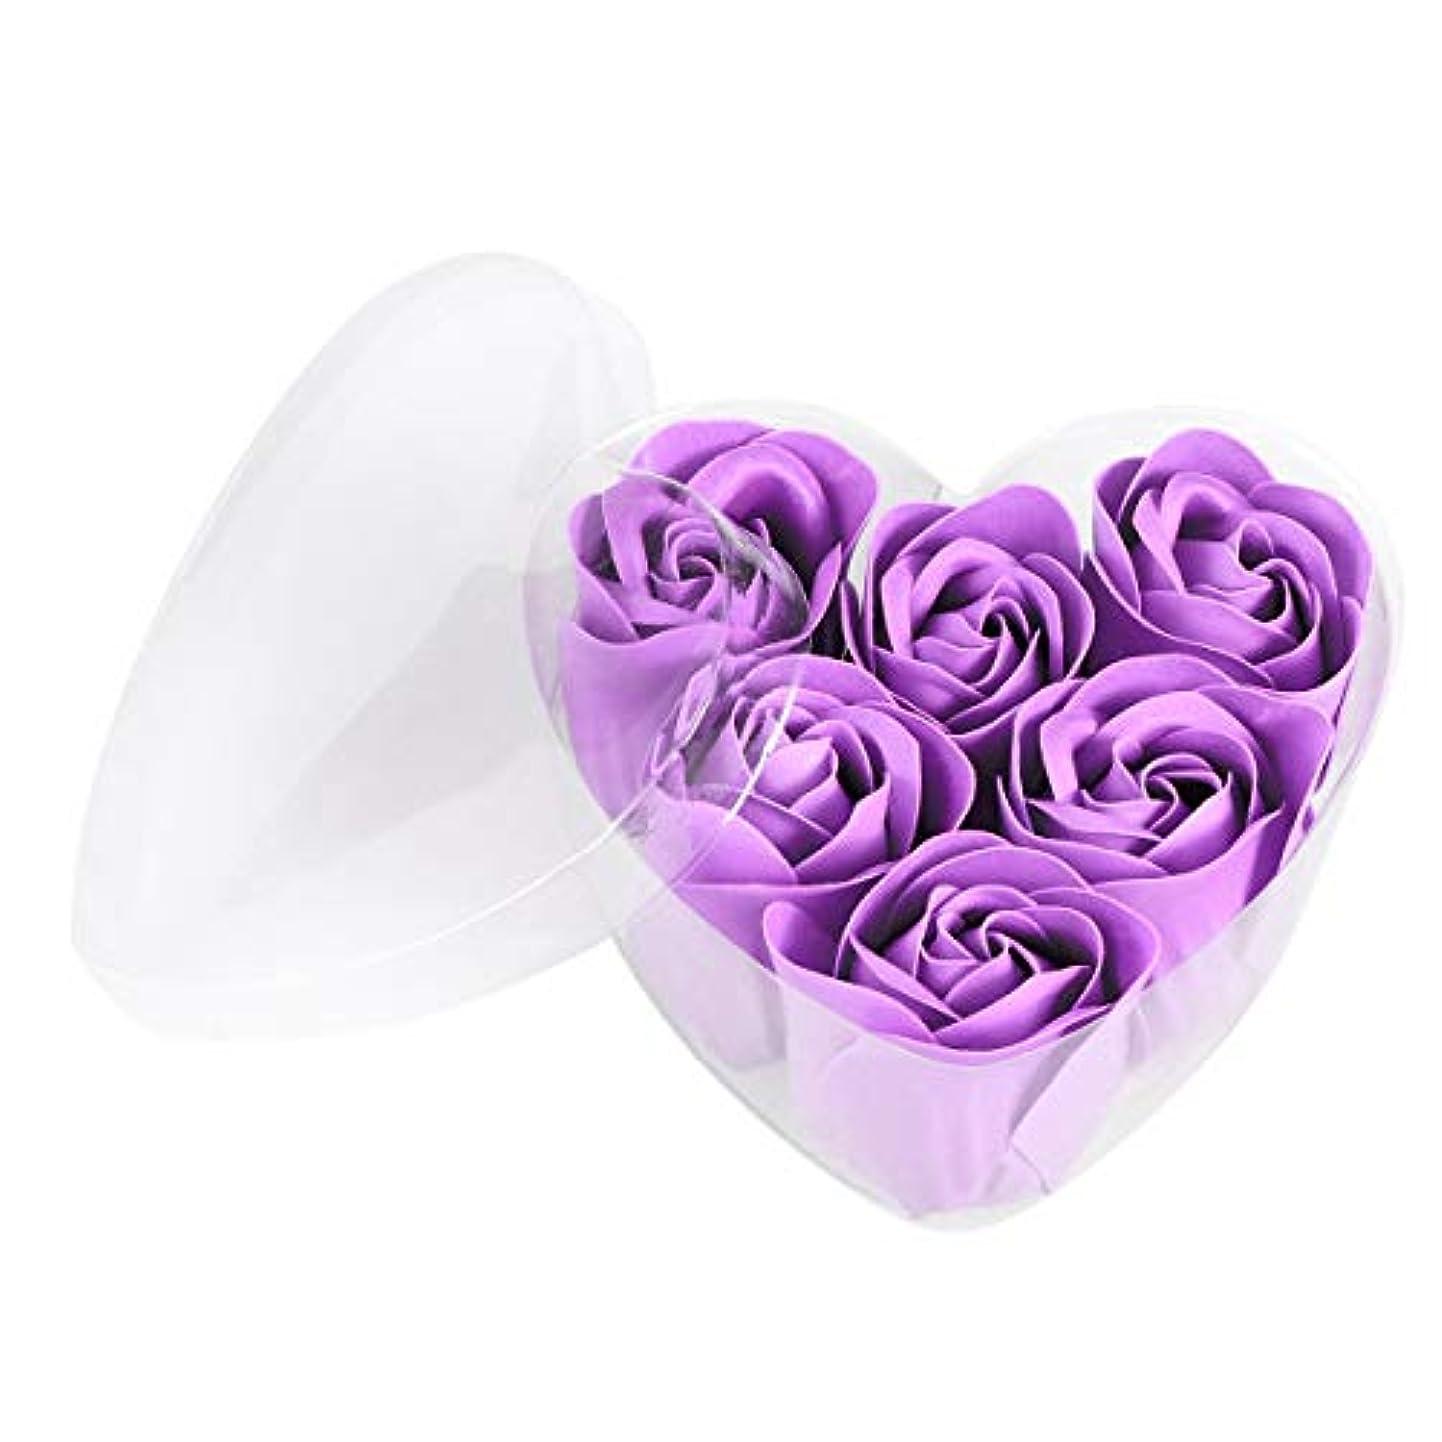 スマイル四回電極Beaupretty 6本シミュレーションローズソープハート型フラワーソープギフトボックス結婚式の誕生日Valentin's Day(紫)